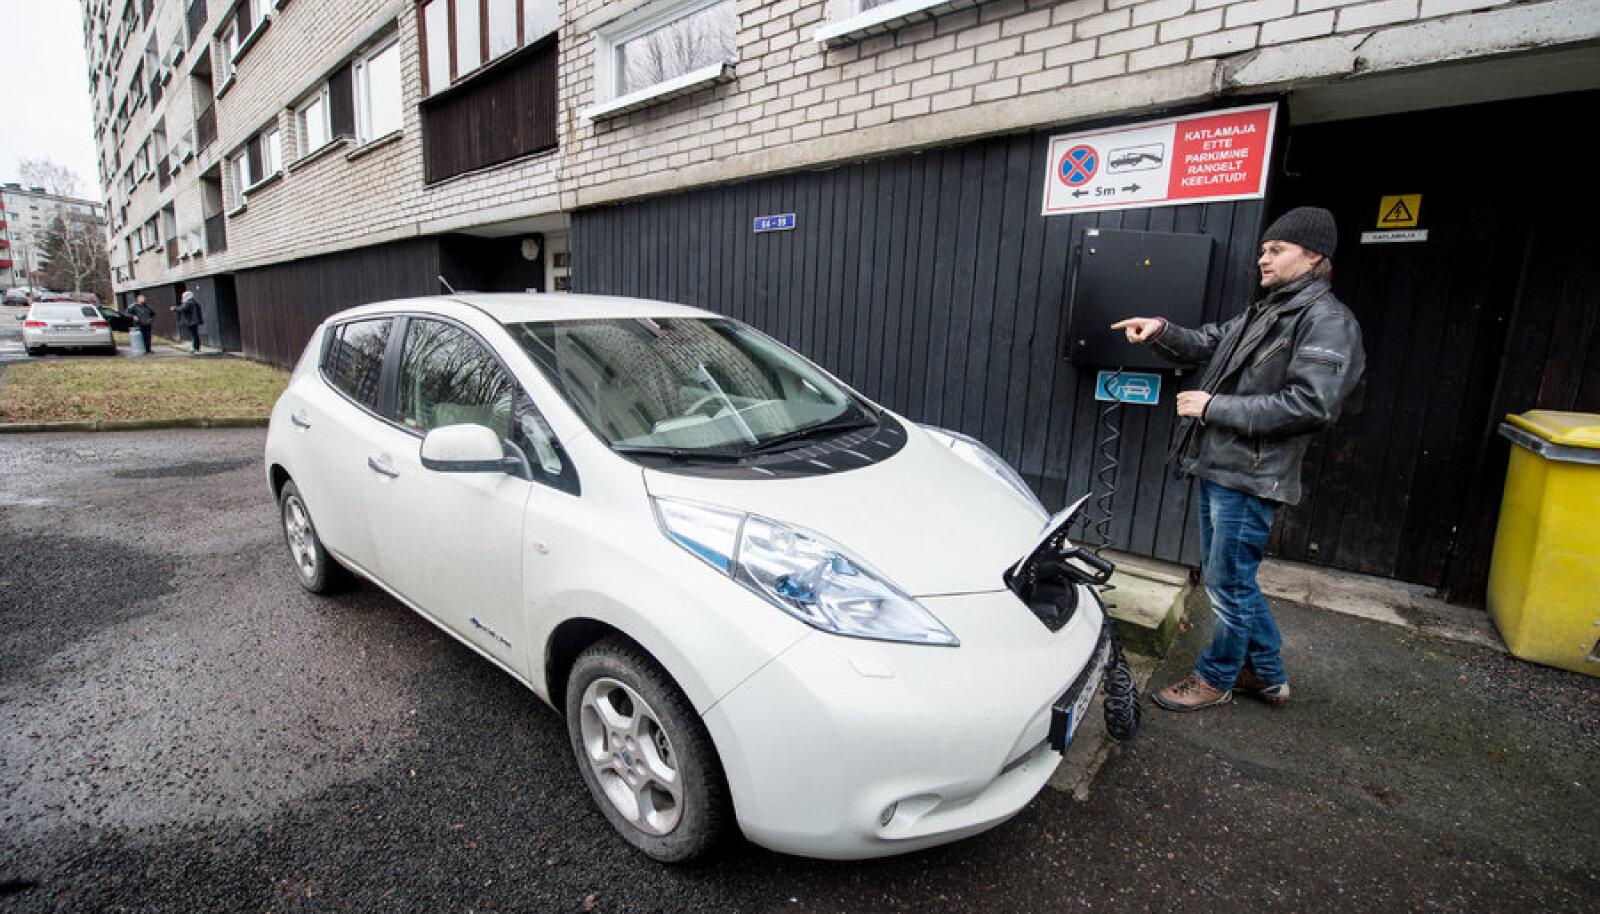 Glen Pilvre laeb oma elektriautot kortermaja külge pandud elektrikapist. Katlamaja ees ei tohi parkida tossavad sisepõlemismootoriga autod, kuid elektriauto endast ohtu ei kujuta.